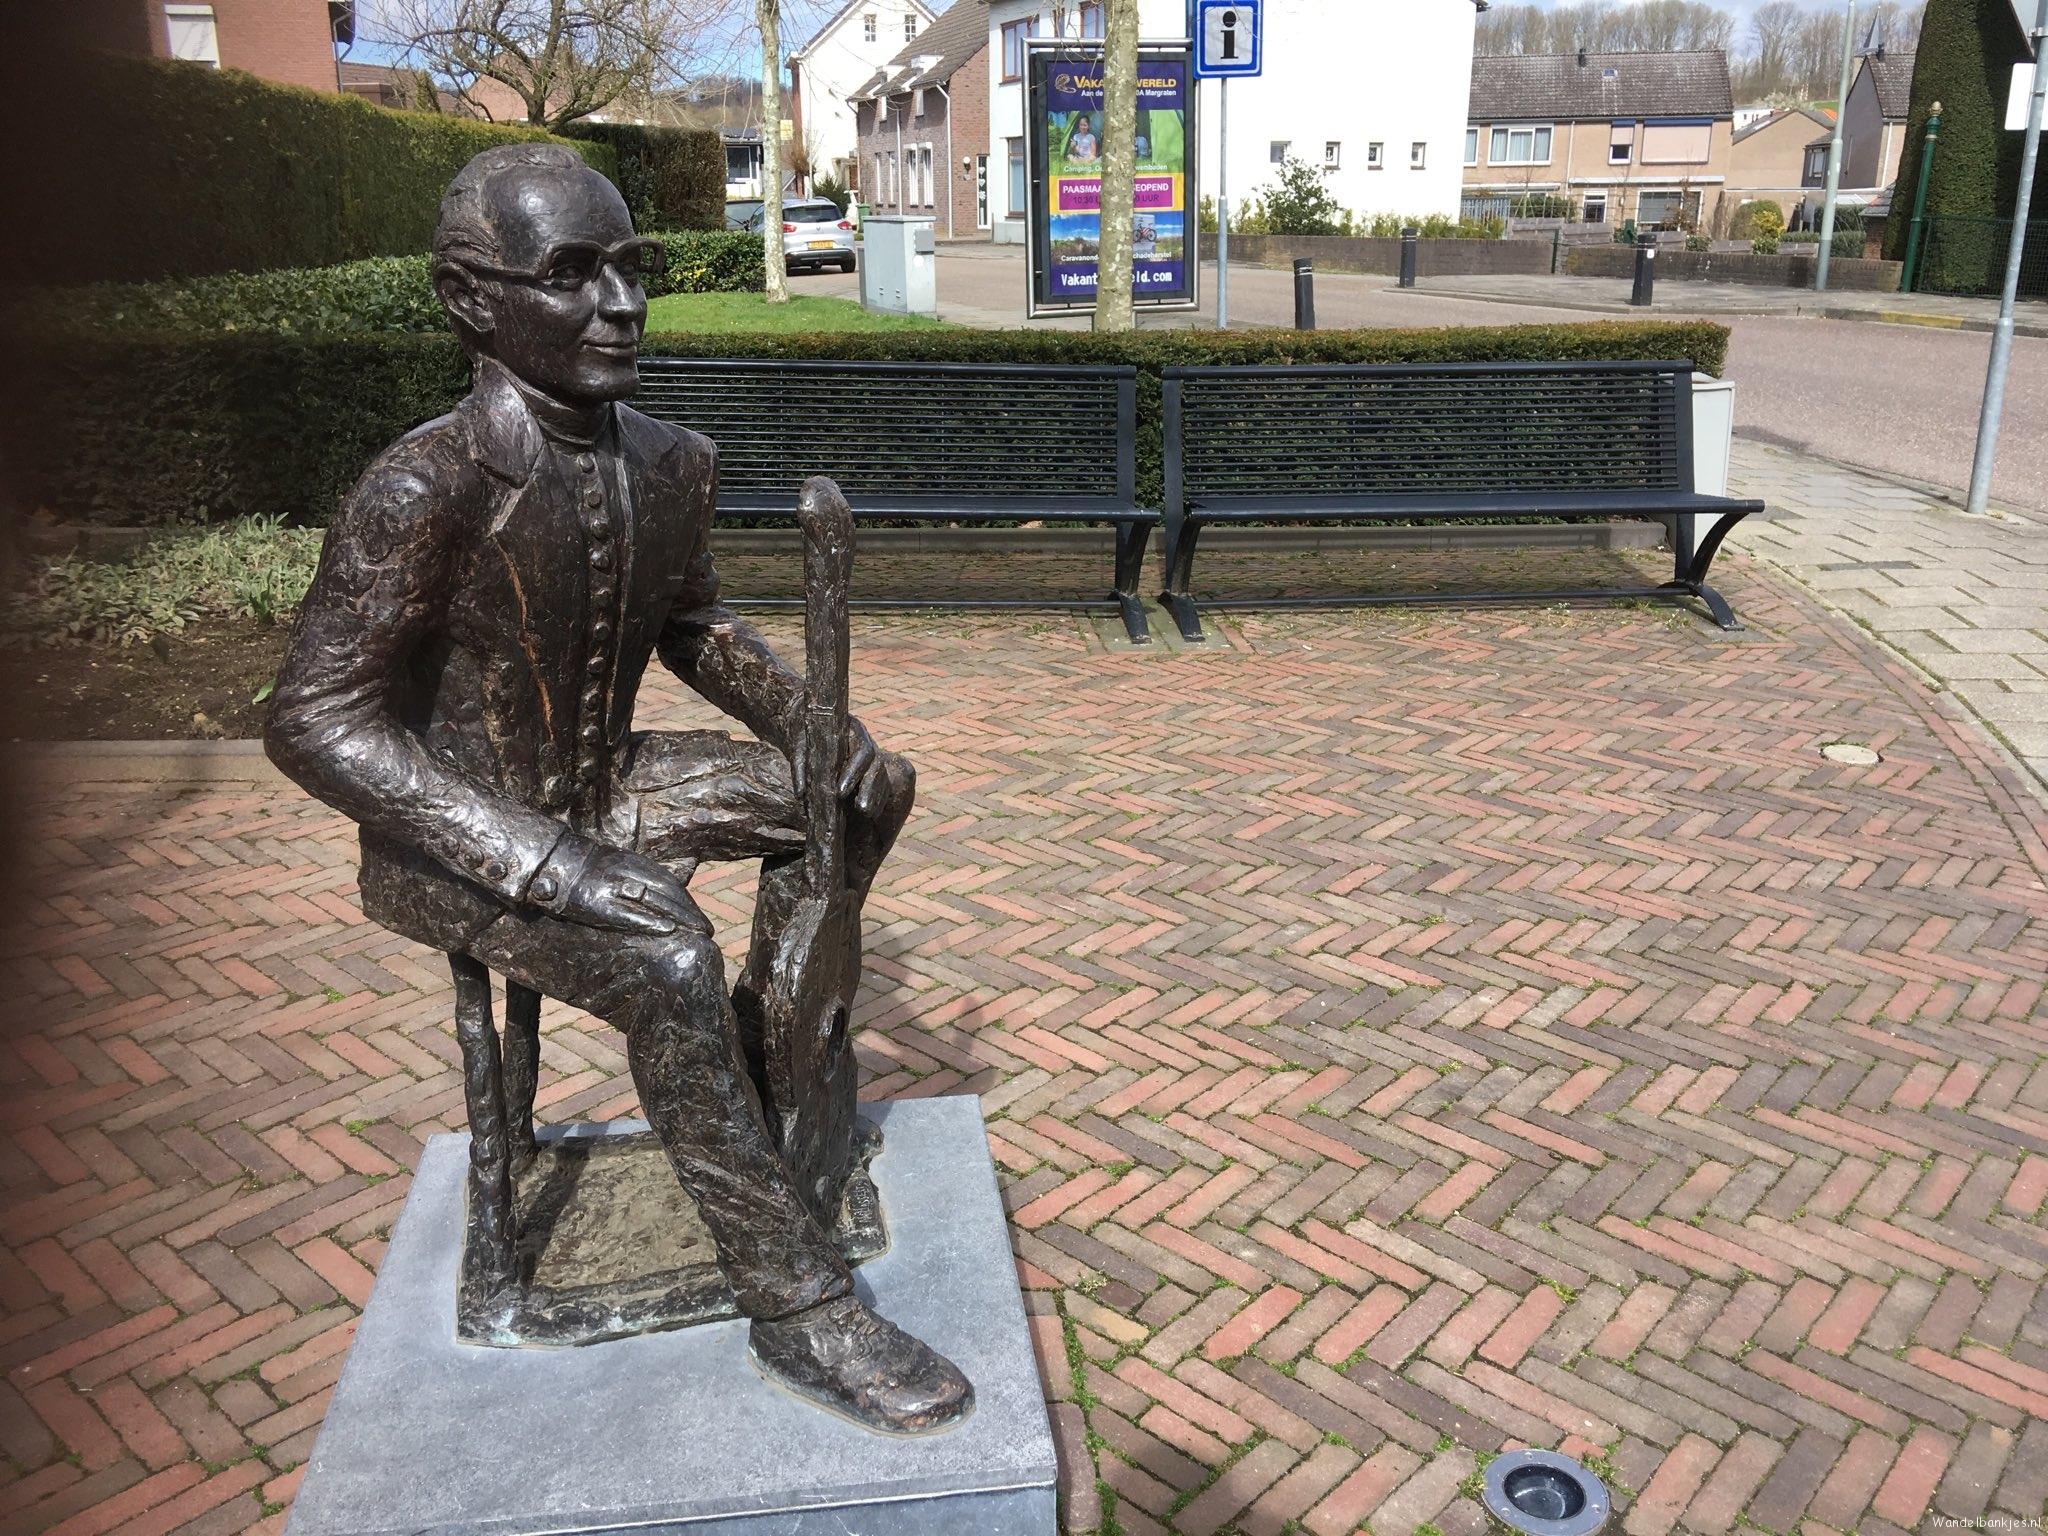 rt-jenjdevries-walking-benches-bench-schin-op-gul-bij-beeldje-wimsonneveld-https-t-co-bqwyn3ckaw